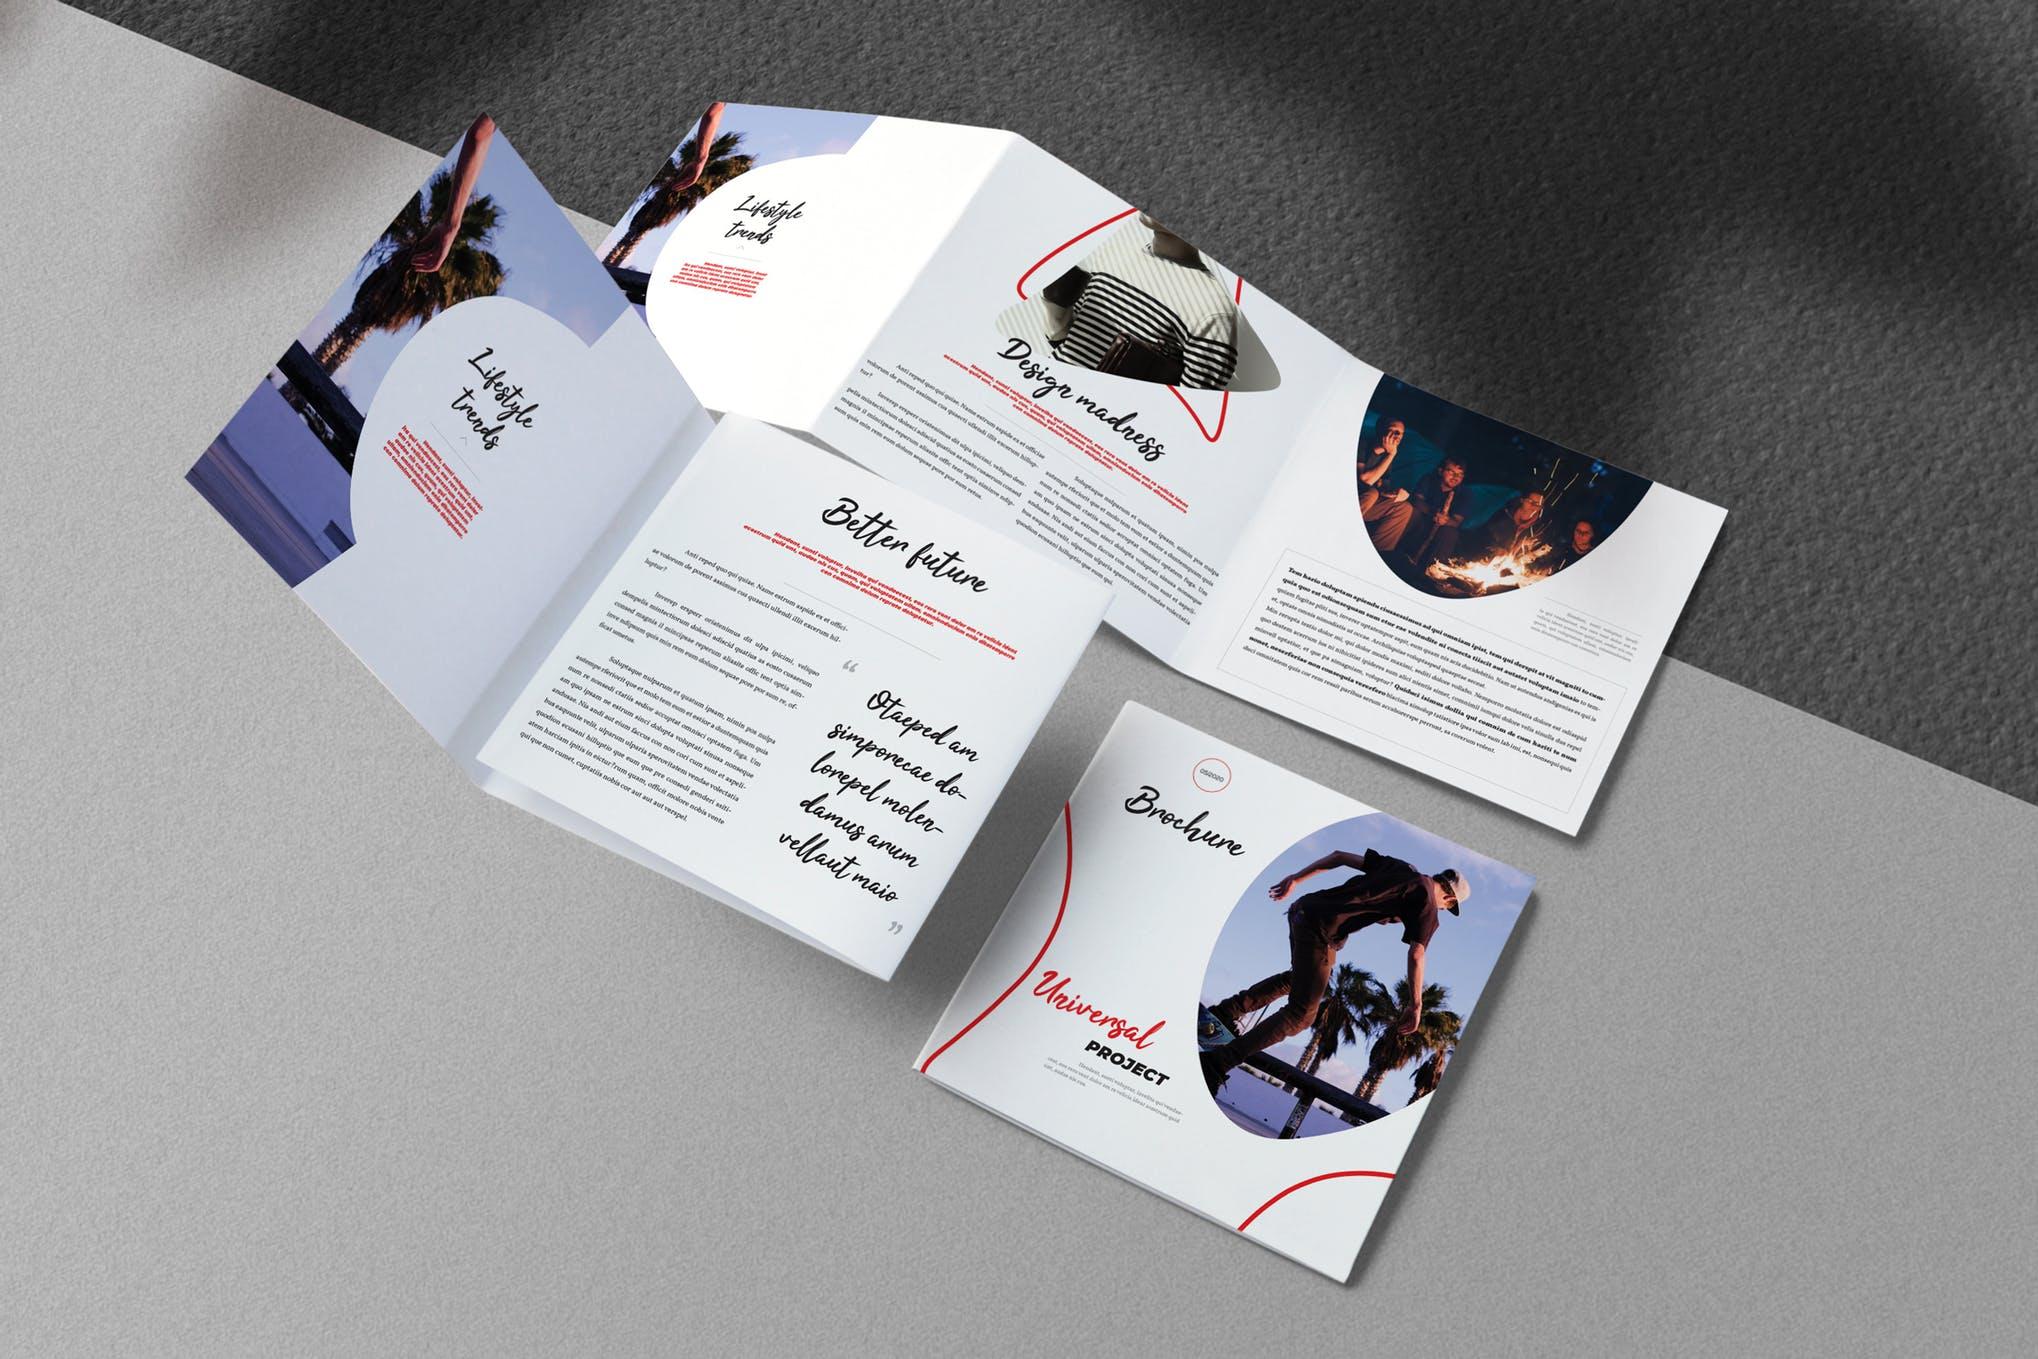 The artistic and unique square brochure